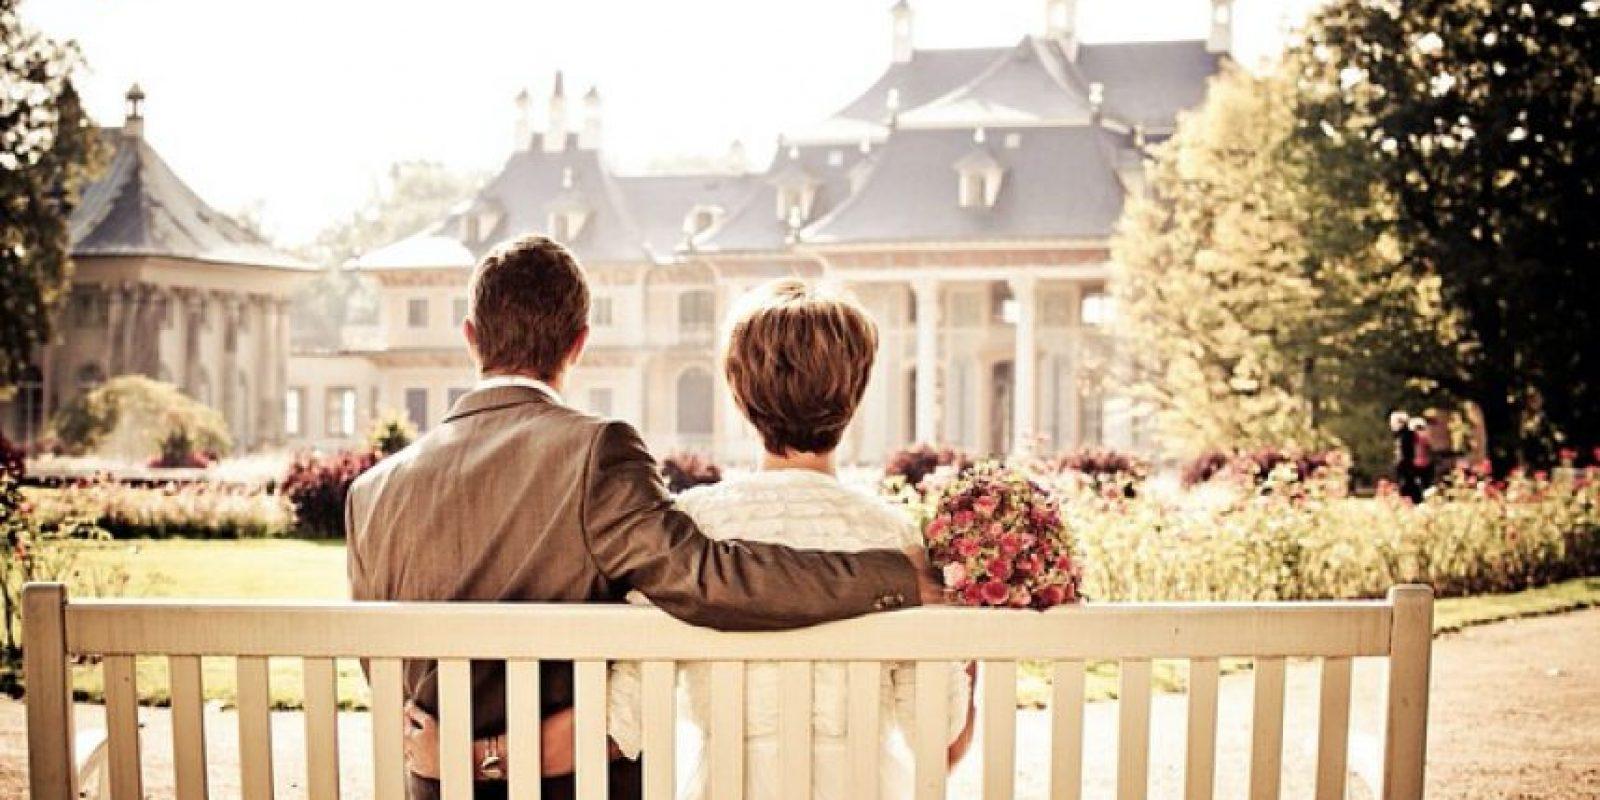 Los hombres, sin embargo, experimentaron una caída en la angustia emocional sólo al casarse directamente, no cuando se mudaban con una pareja romántica por primera vez. Foto:Pixabay